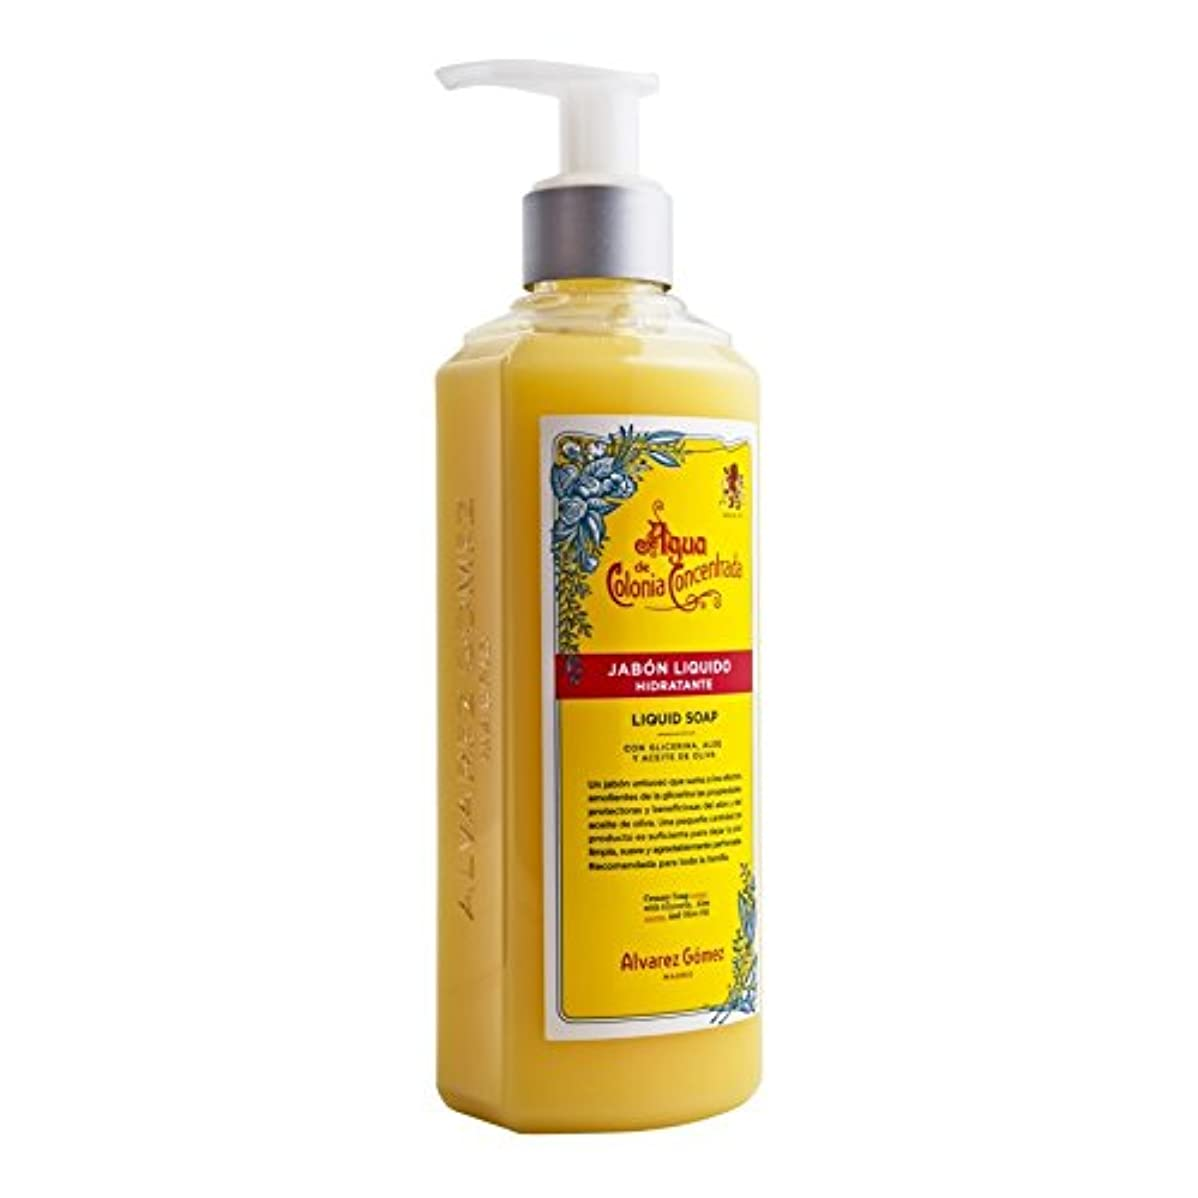 小石織機適度な?lvarez G?mez Agua de Colonia Concentrada Liquid Soap 300ml - アルバレスゴメスアグアデコロニ液体石鹸300ミリリットル [並行輸入品]